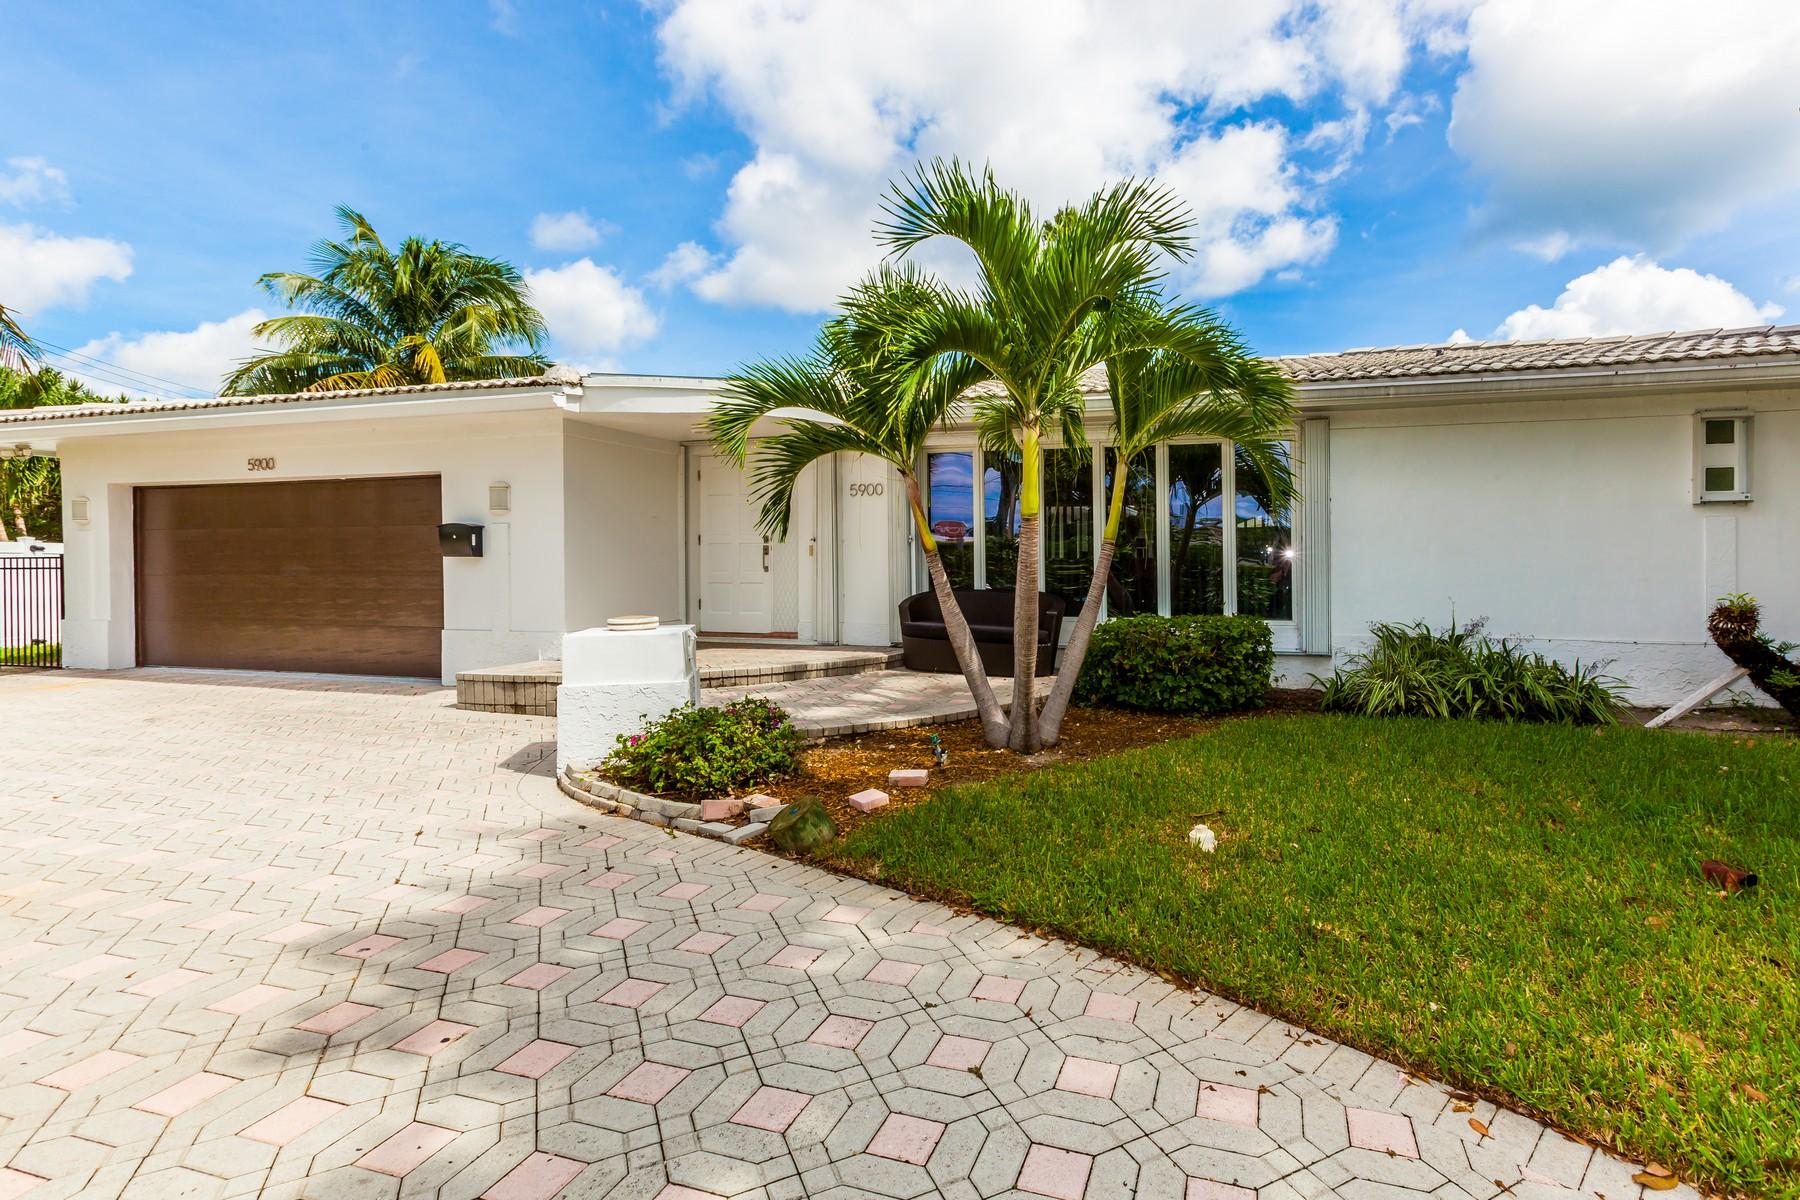 Moradia para Venda às 5900 Bayview Dr. Fort Lauderdale, Florida 33308 Estados Unidos